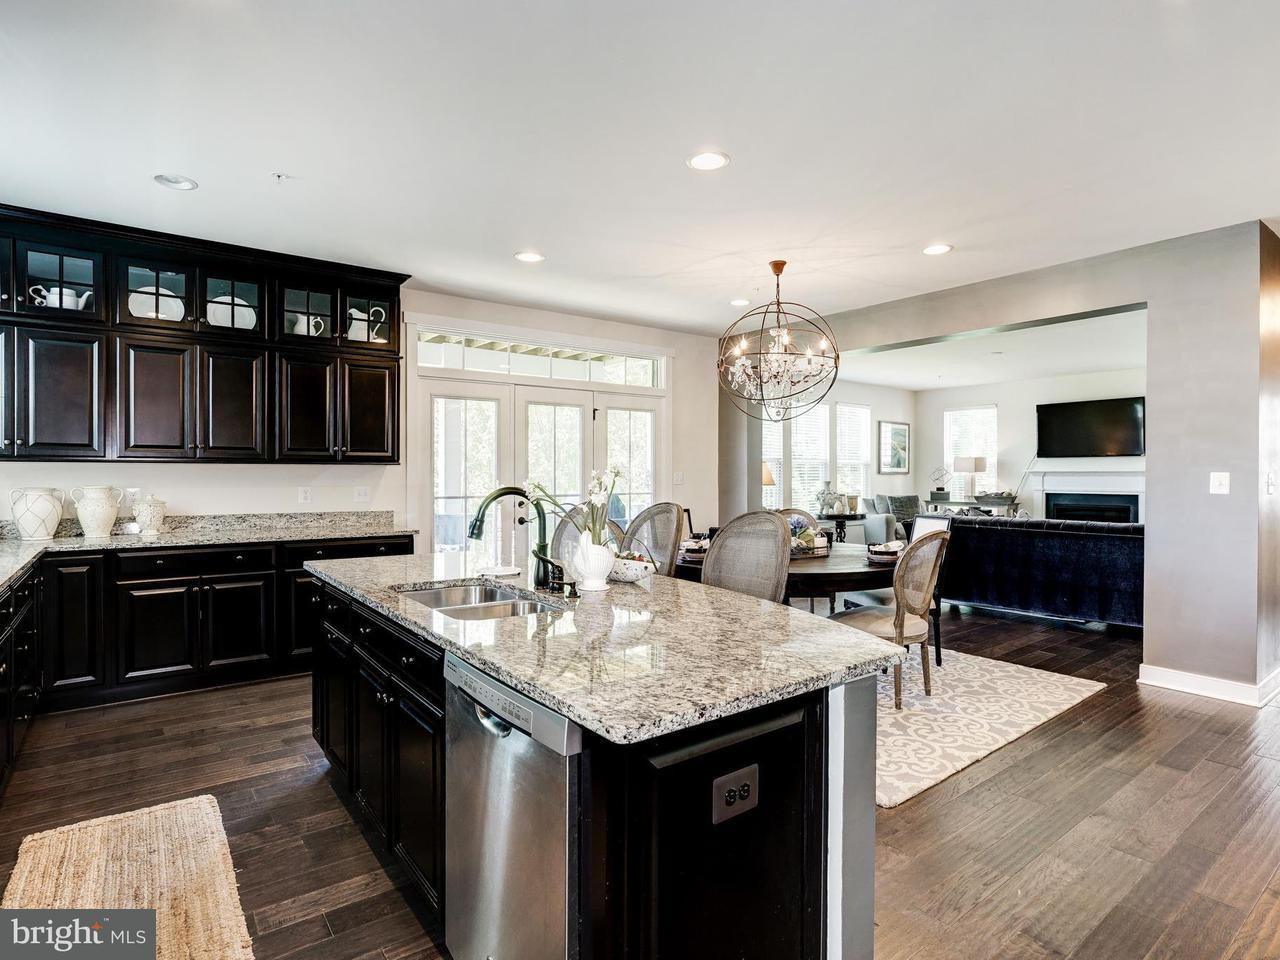 Einfamilienhaus für Verkauf beim 2472 POTOMAC RIVER BLVD 2472 POTOMAC RIVER BLVD Dumfries, Virginia 22026 Vereinigte Staaten